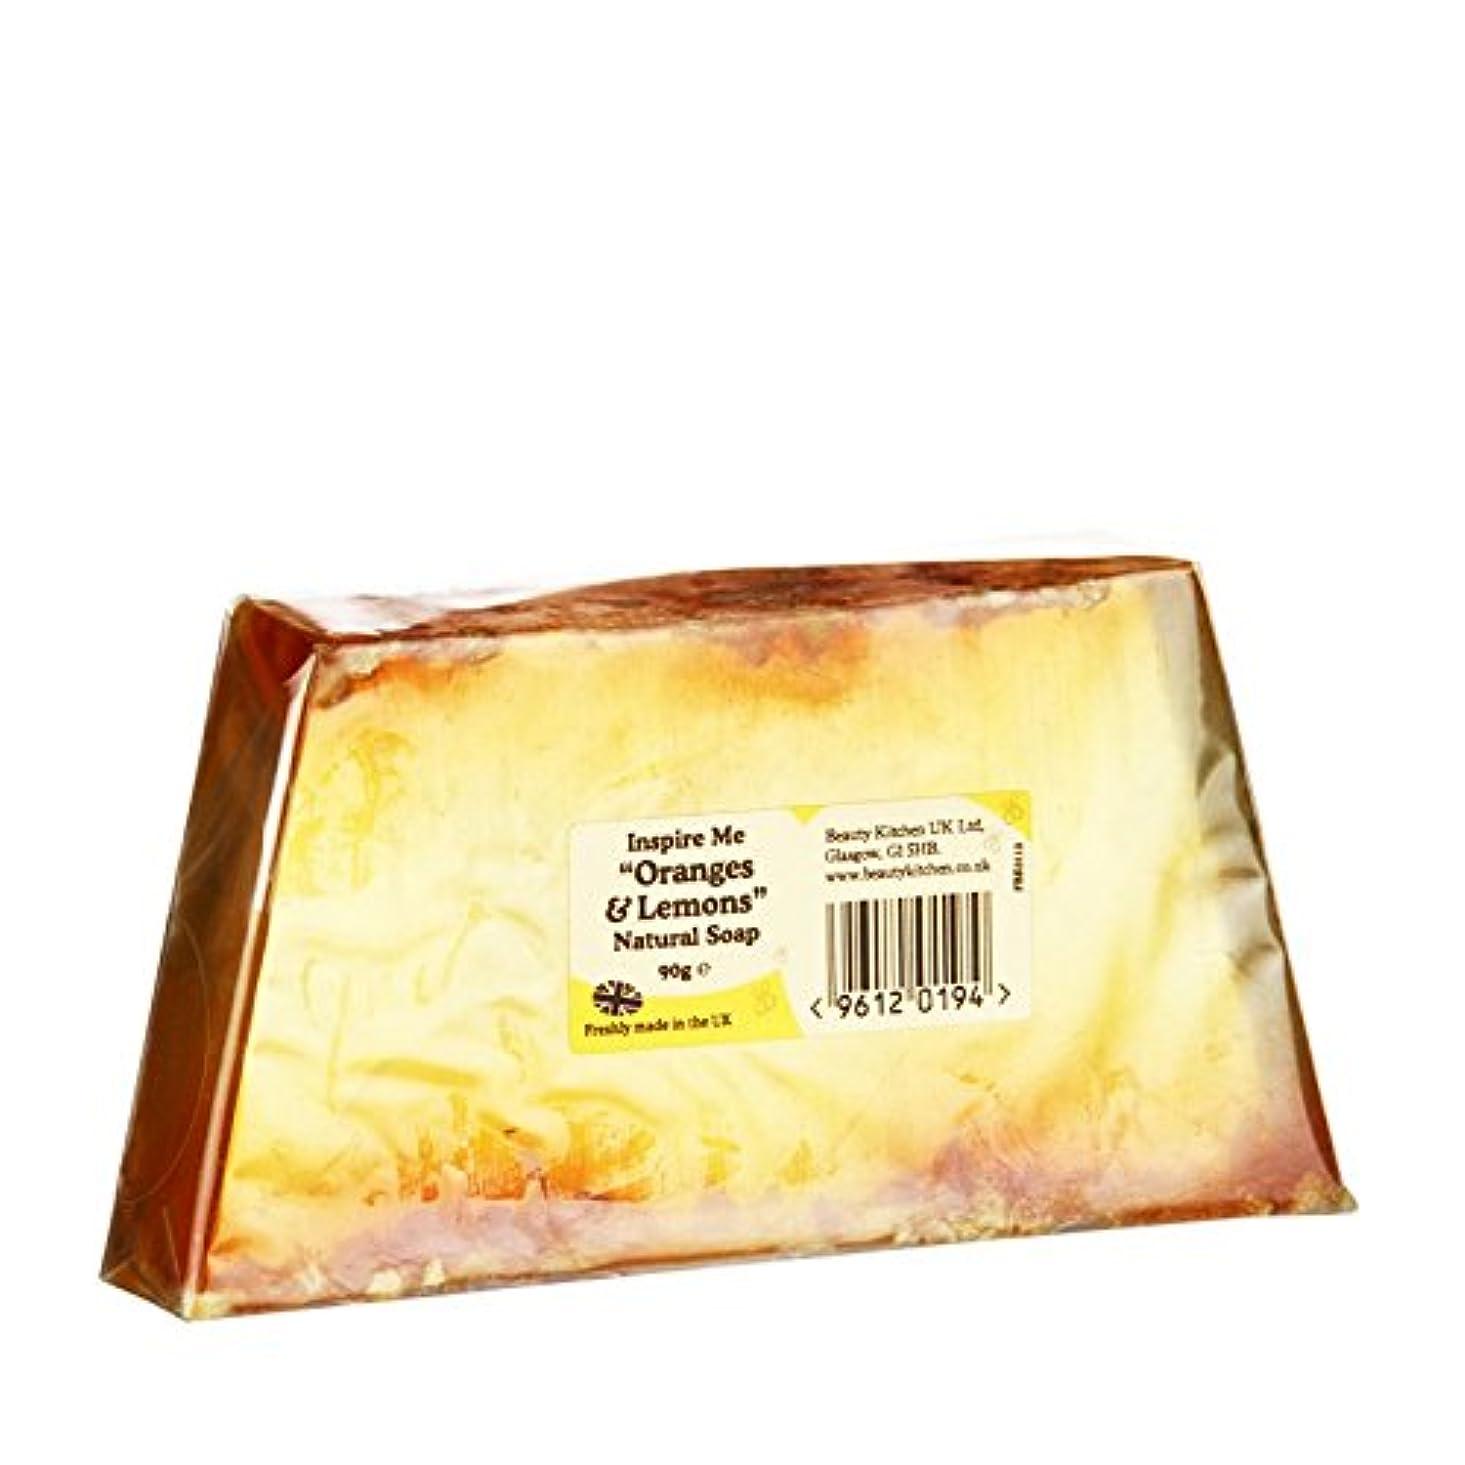 ヘクタールメモマイルドBeauty Kitchen Inspire Me Orange & Lemon Natural Soap 90g (Pack of 2) - 美しさのキッチンは私がオレンジ&レモンの天然石鹸90グラム鼓舞します (x2...